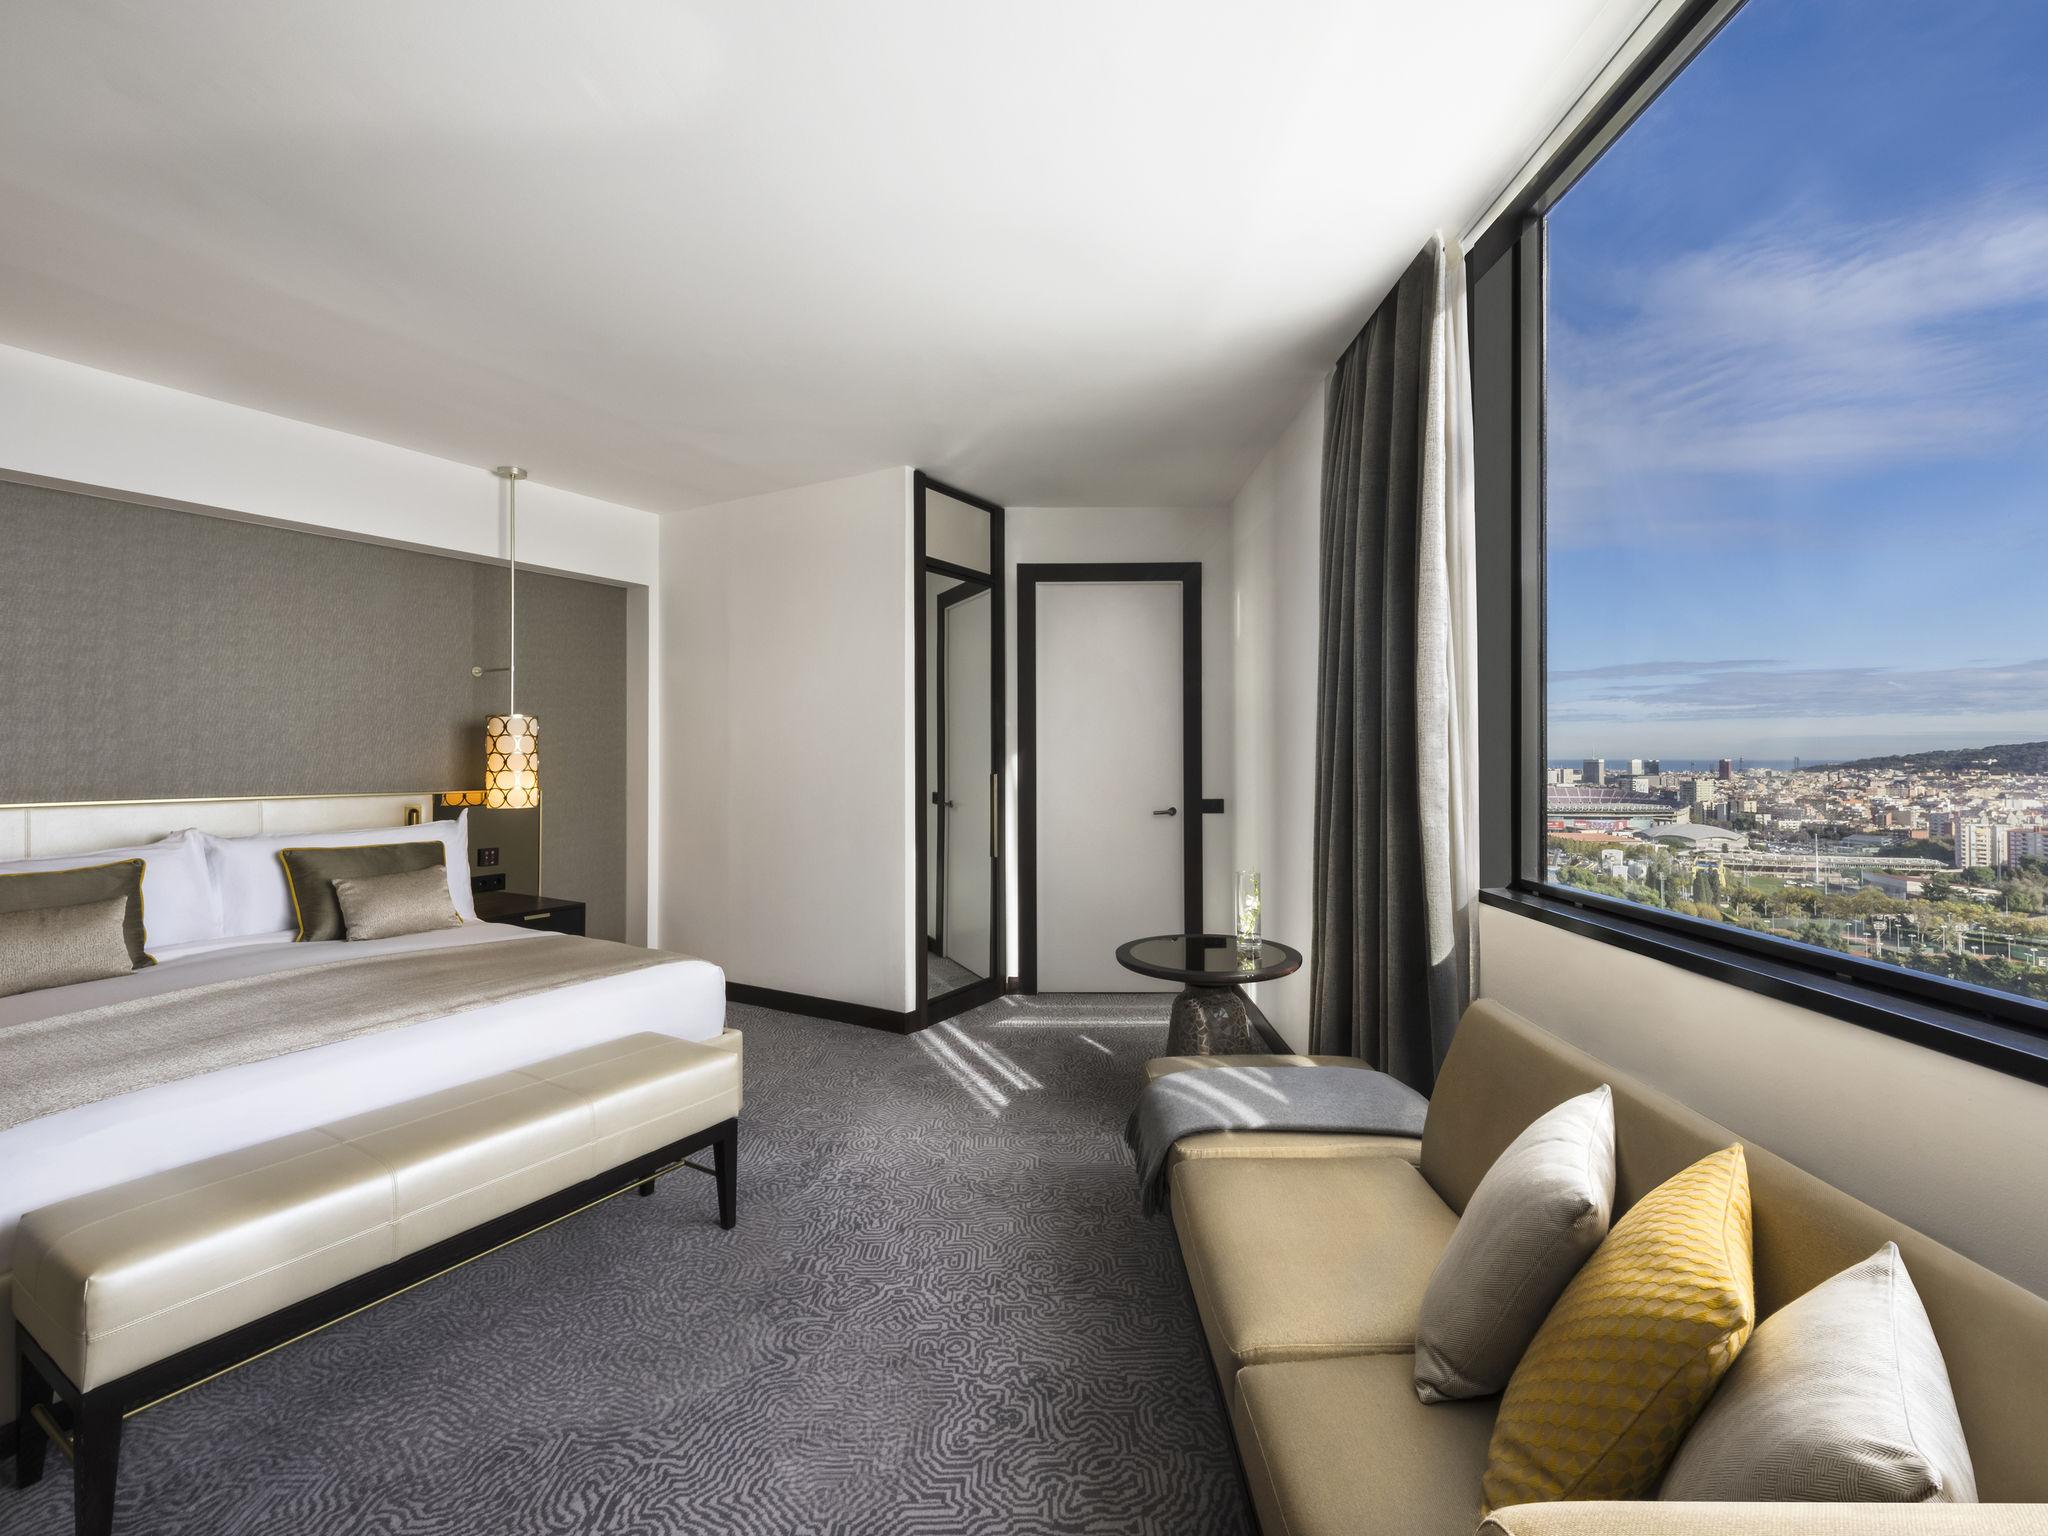 فندق - فيرمونت ري جوان كارلوس الأول، برشلونة